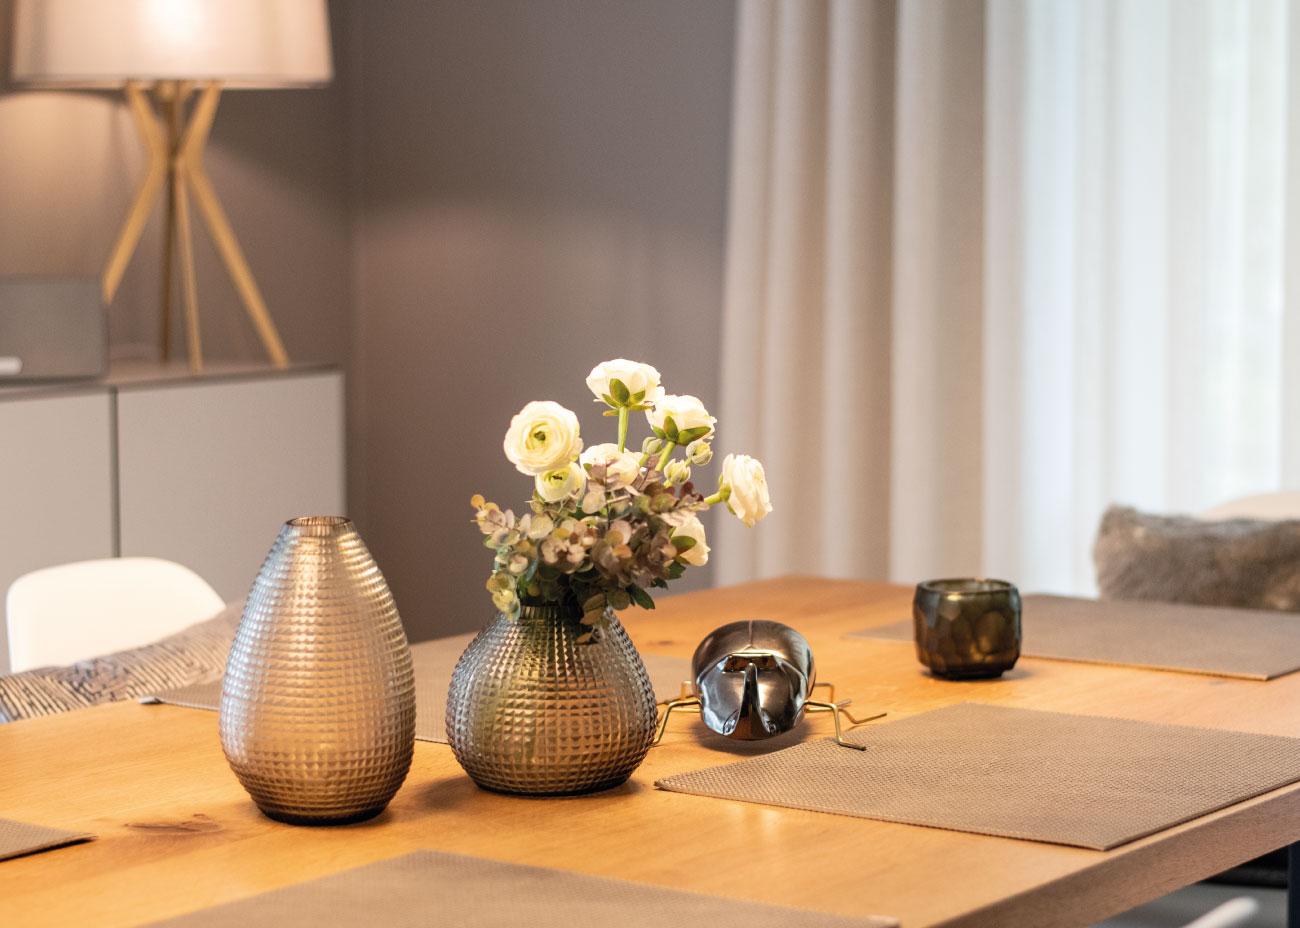 Esszimmer Tischgedeck Blumendekoration Guaxs Vase Inneneinrichtung Ideen Einrichtungsideen Kundenprojekt Einrichtungskonzept Interior Design Räume planen